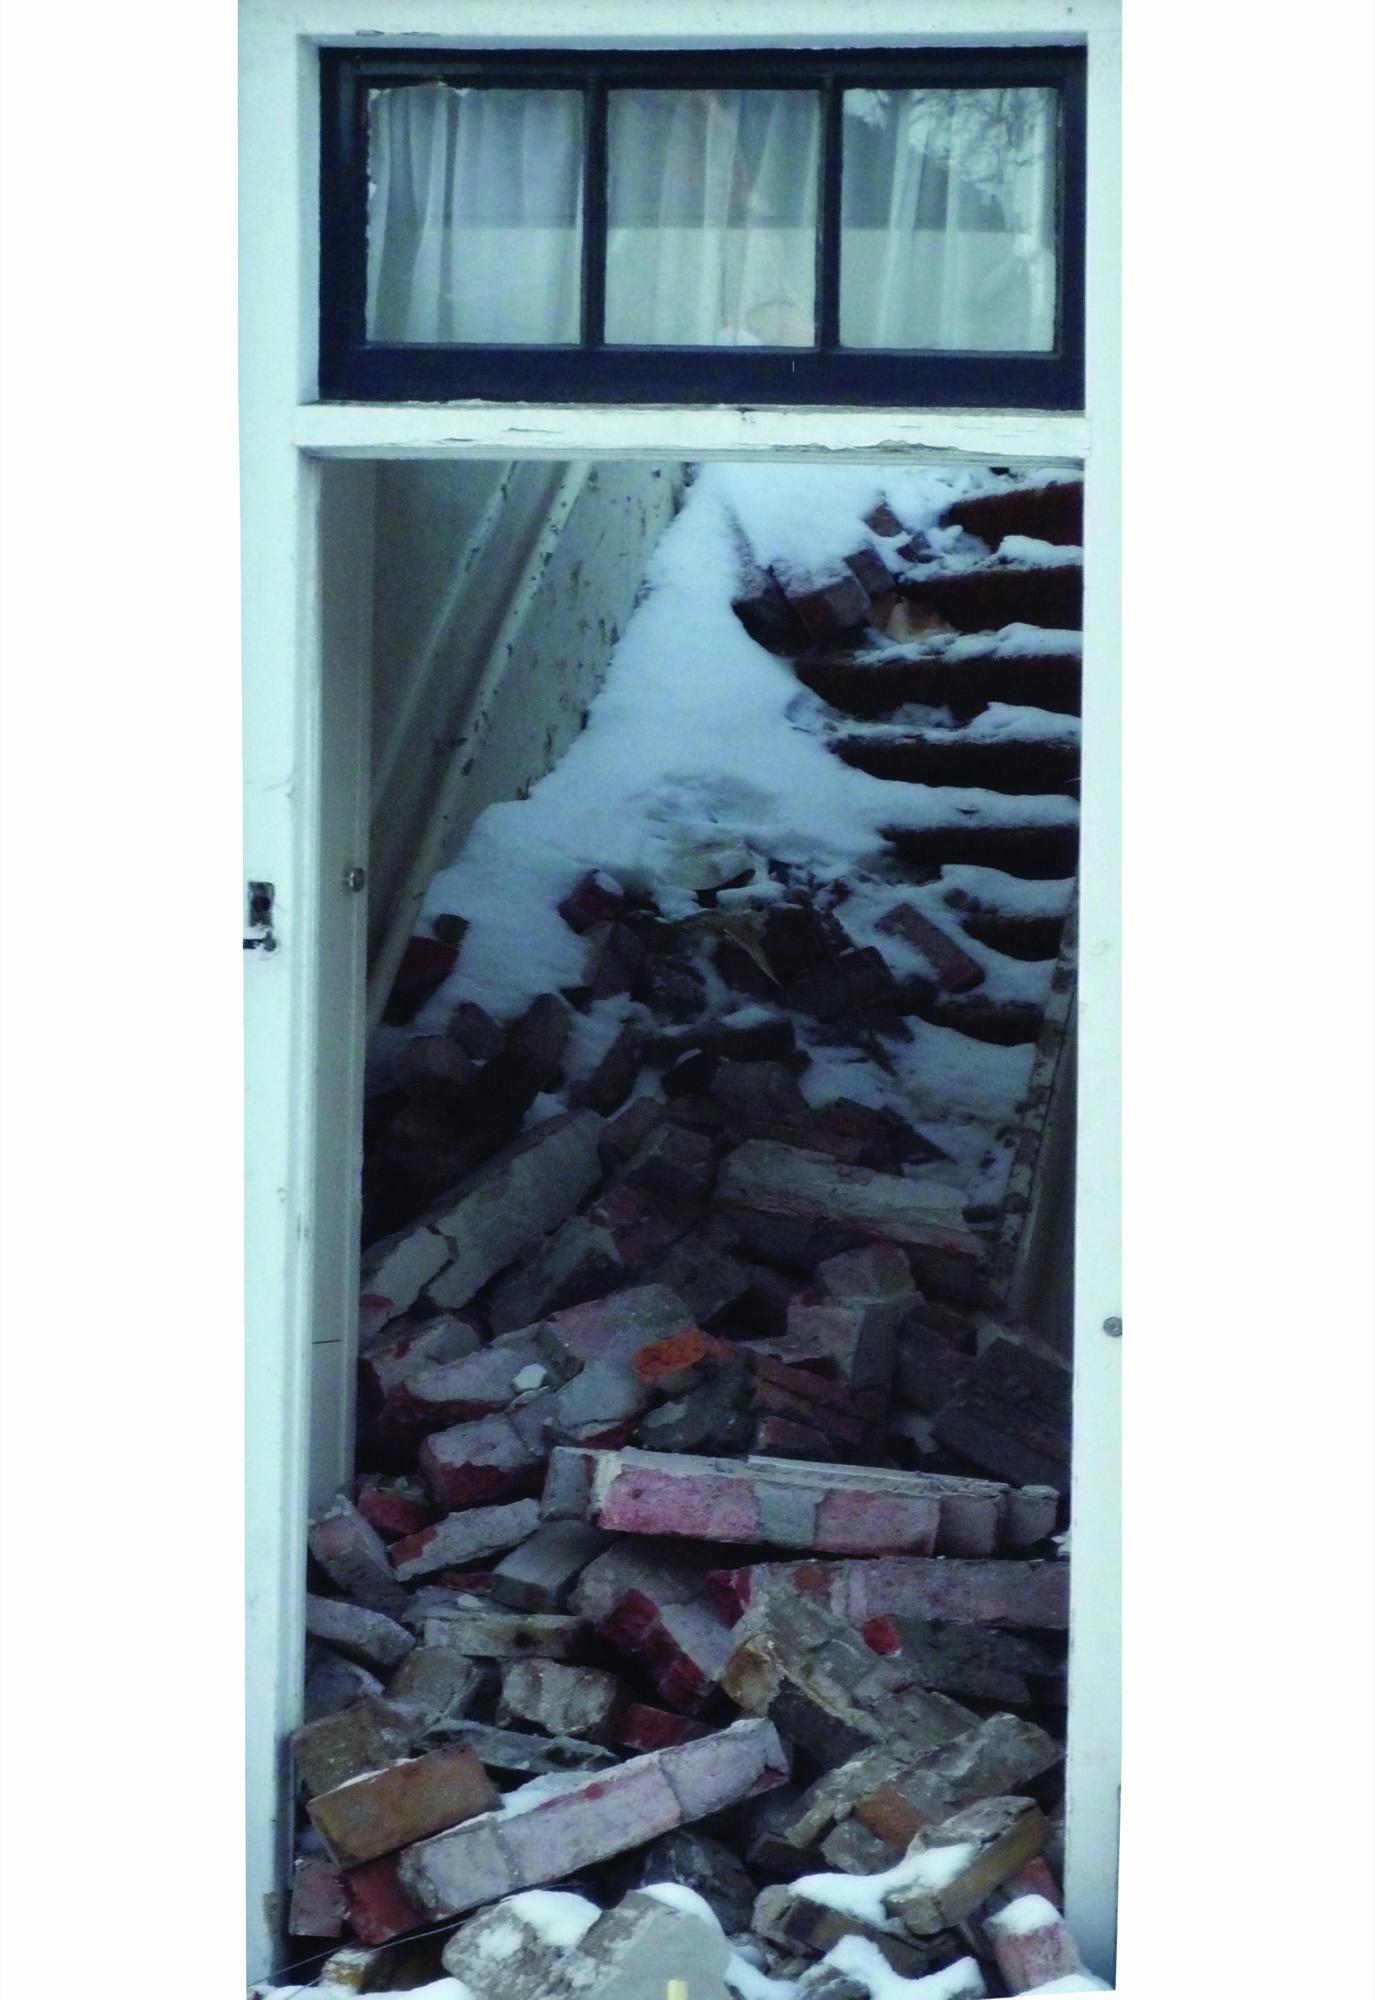 Stone Stair Bloemendaalse open deur I